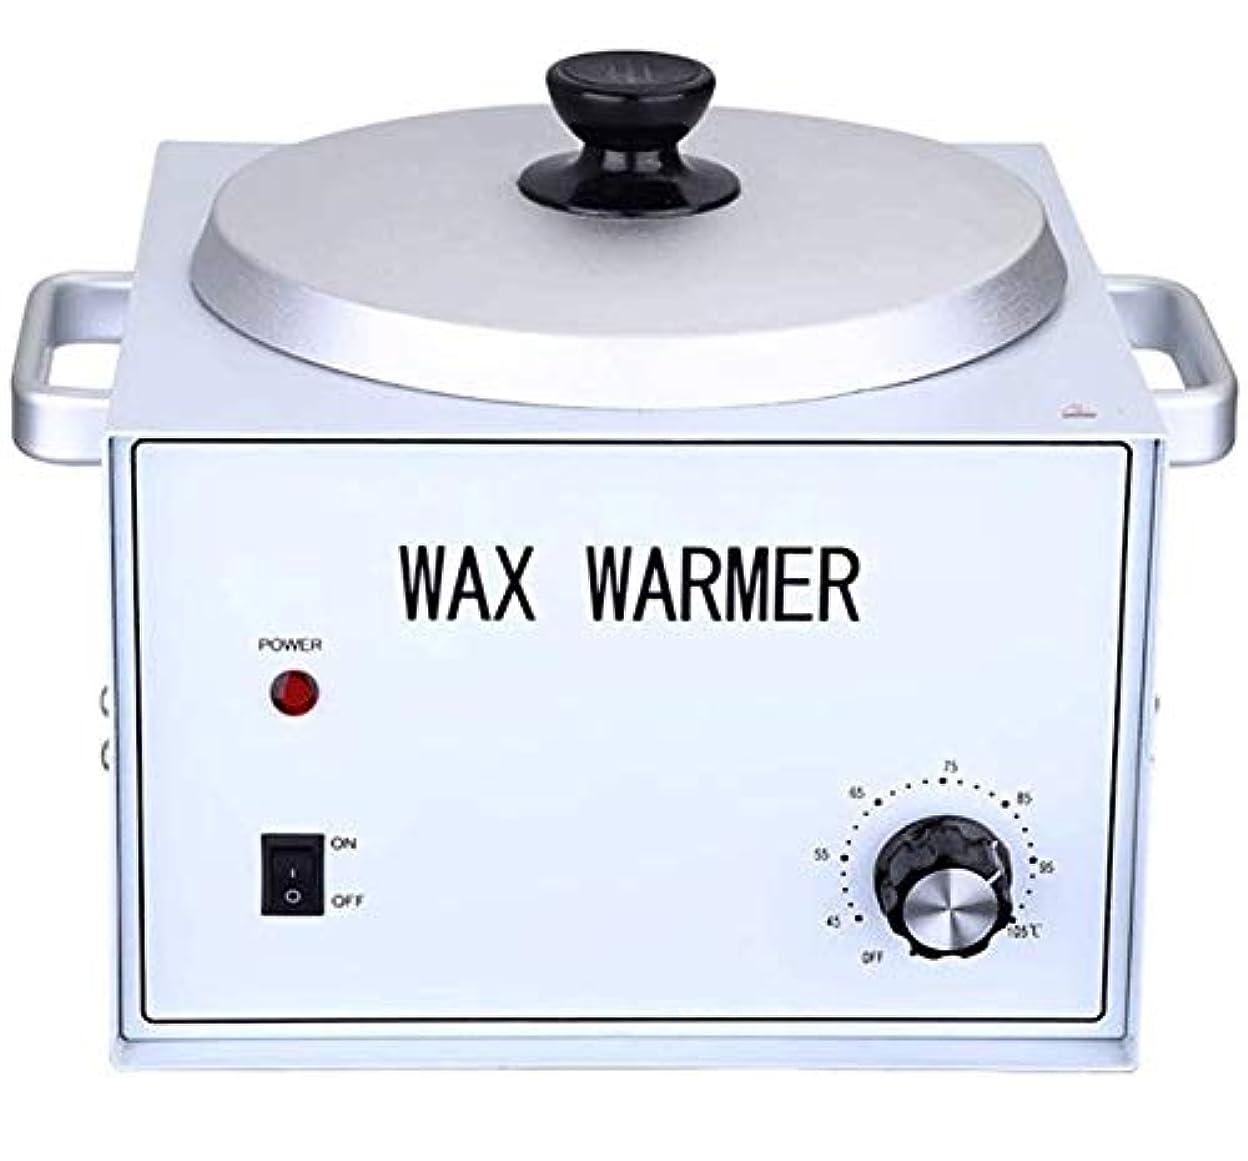 工業化するヒステリック追跡すべてのWAXS(ソフト、ハード、パラフィン)の高速メルトプロフェッショナルヒーター脱毛ワックスヒーター脱毛ヒーターワックスウォーマーシングルポット